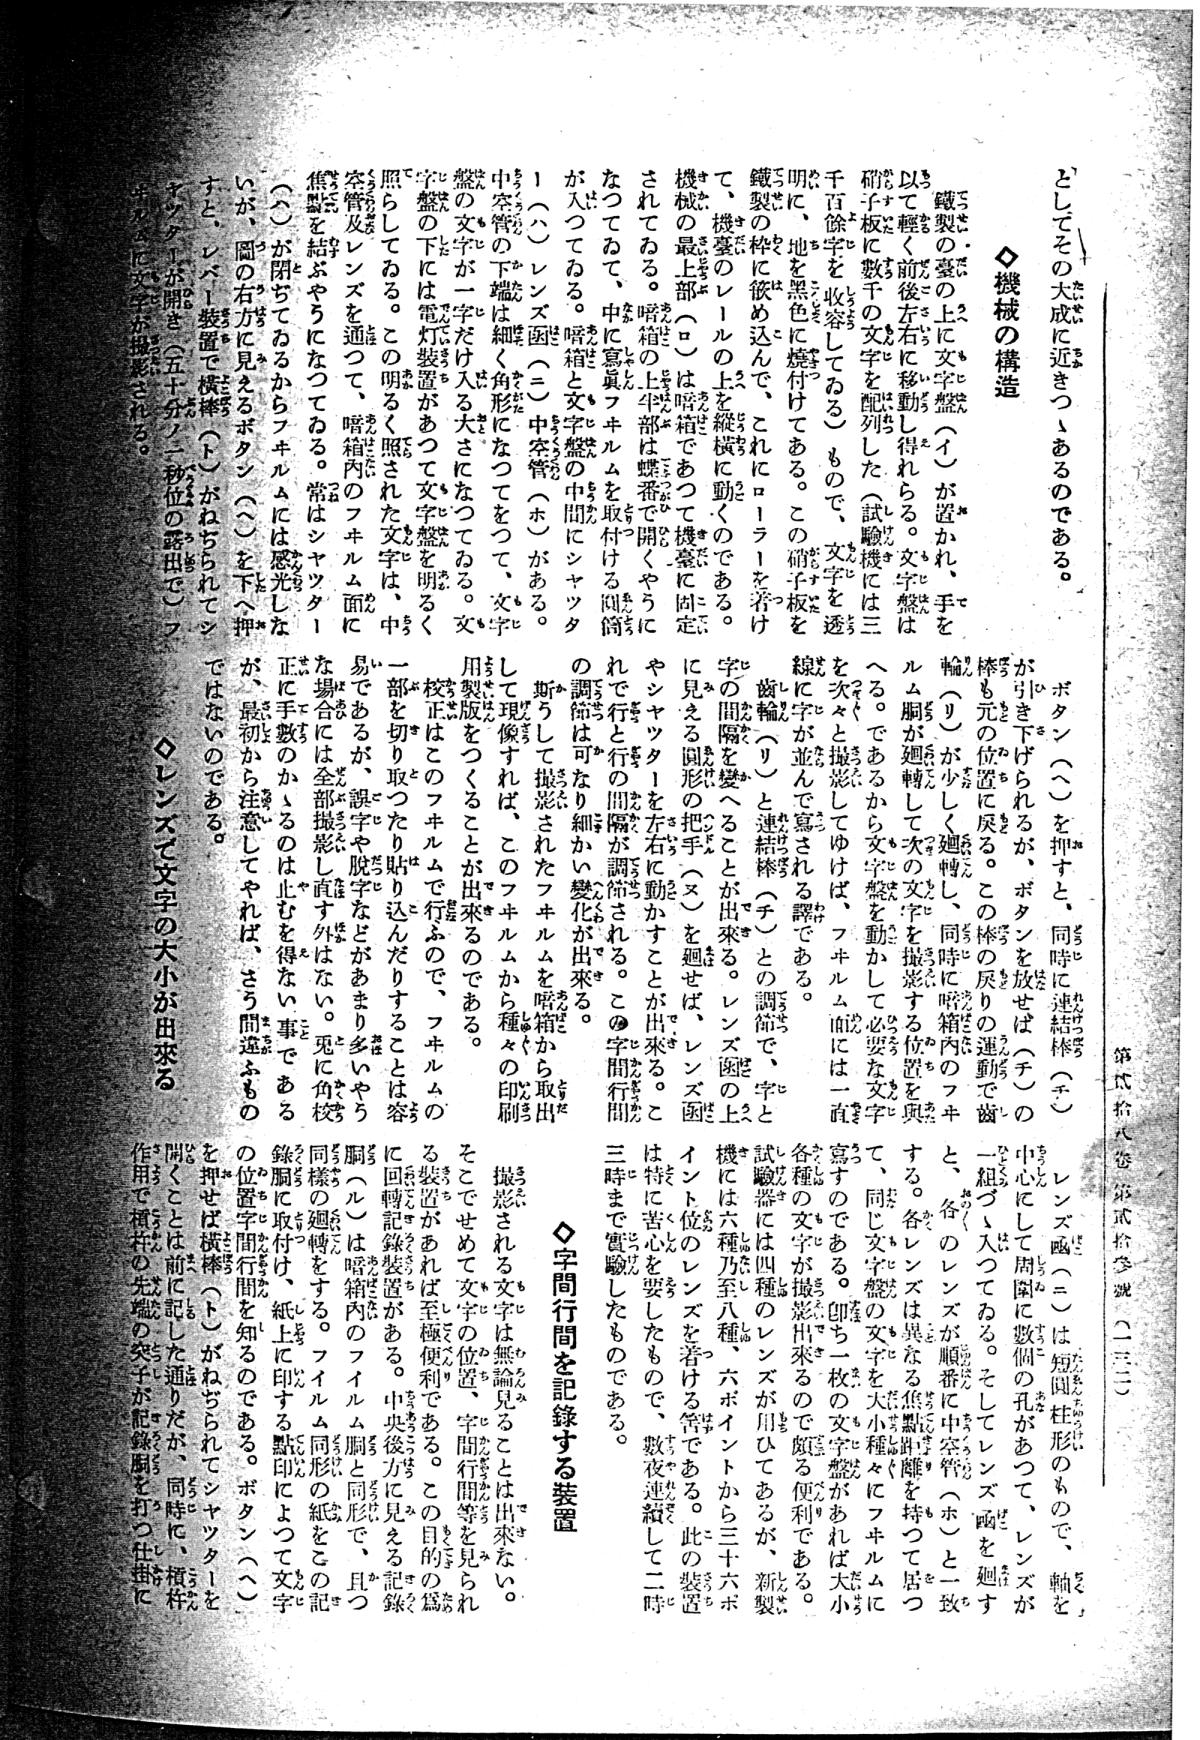 「活字無しで印刷出来る機械の発明」 4/5